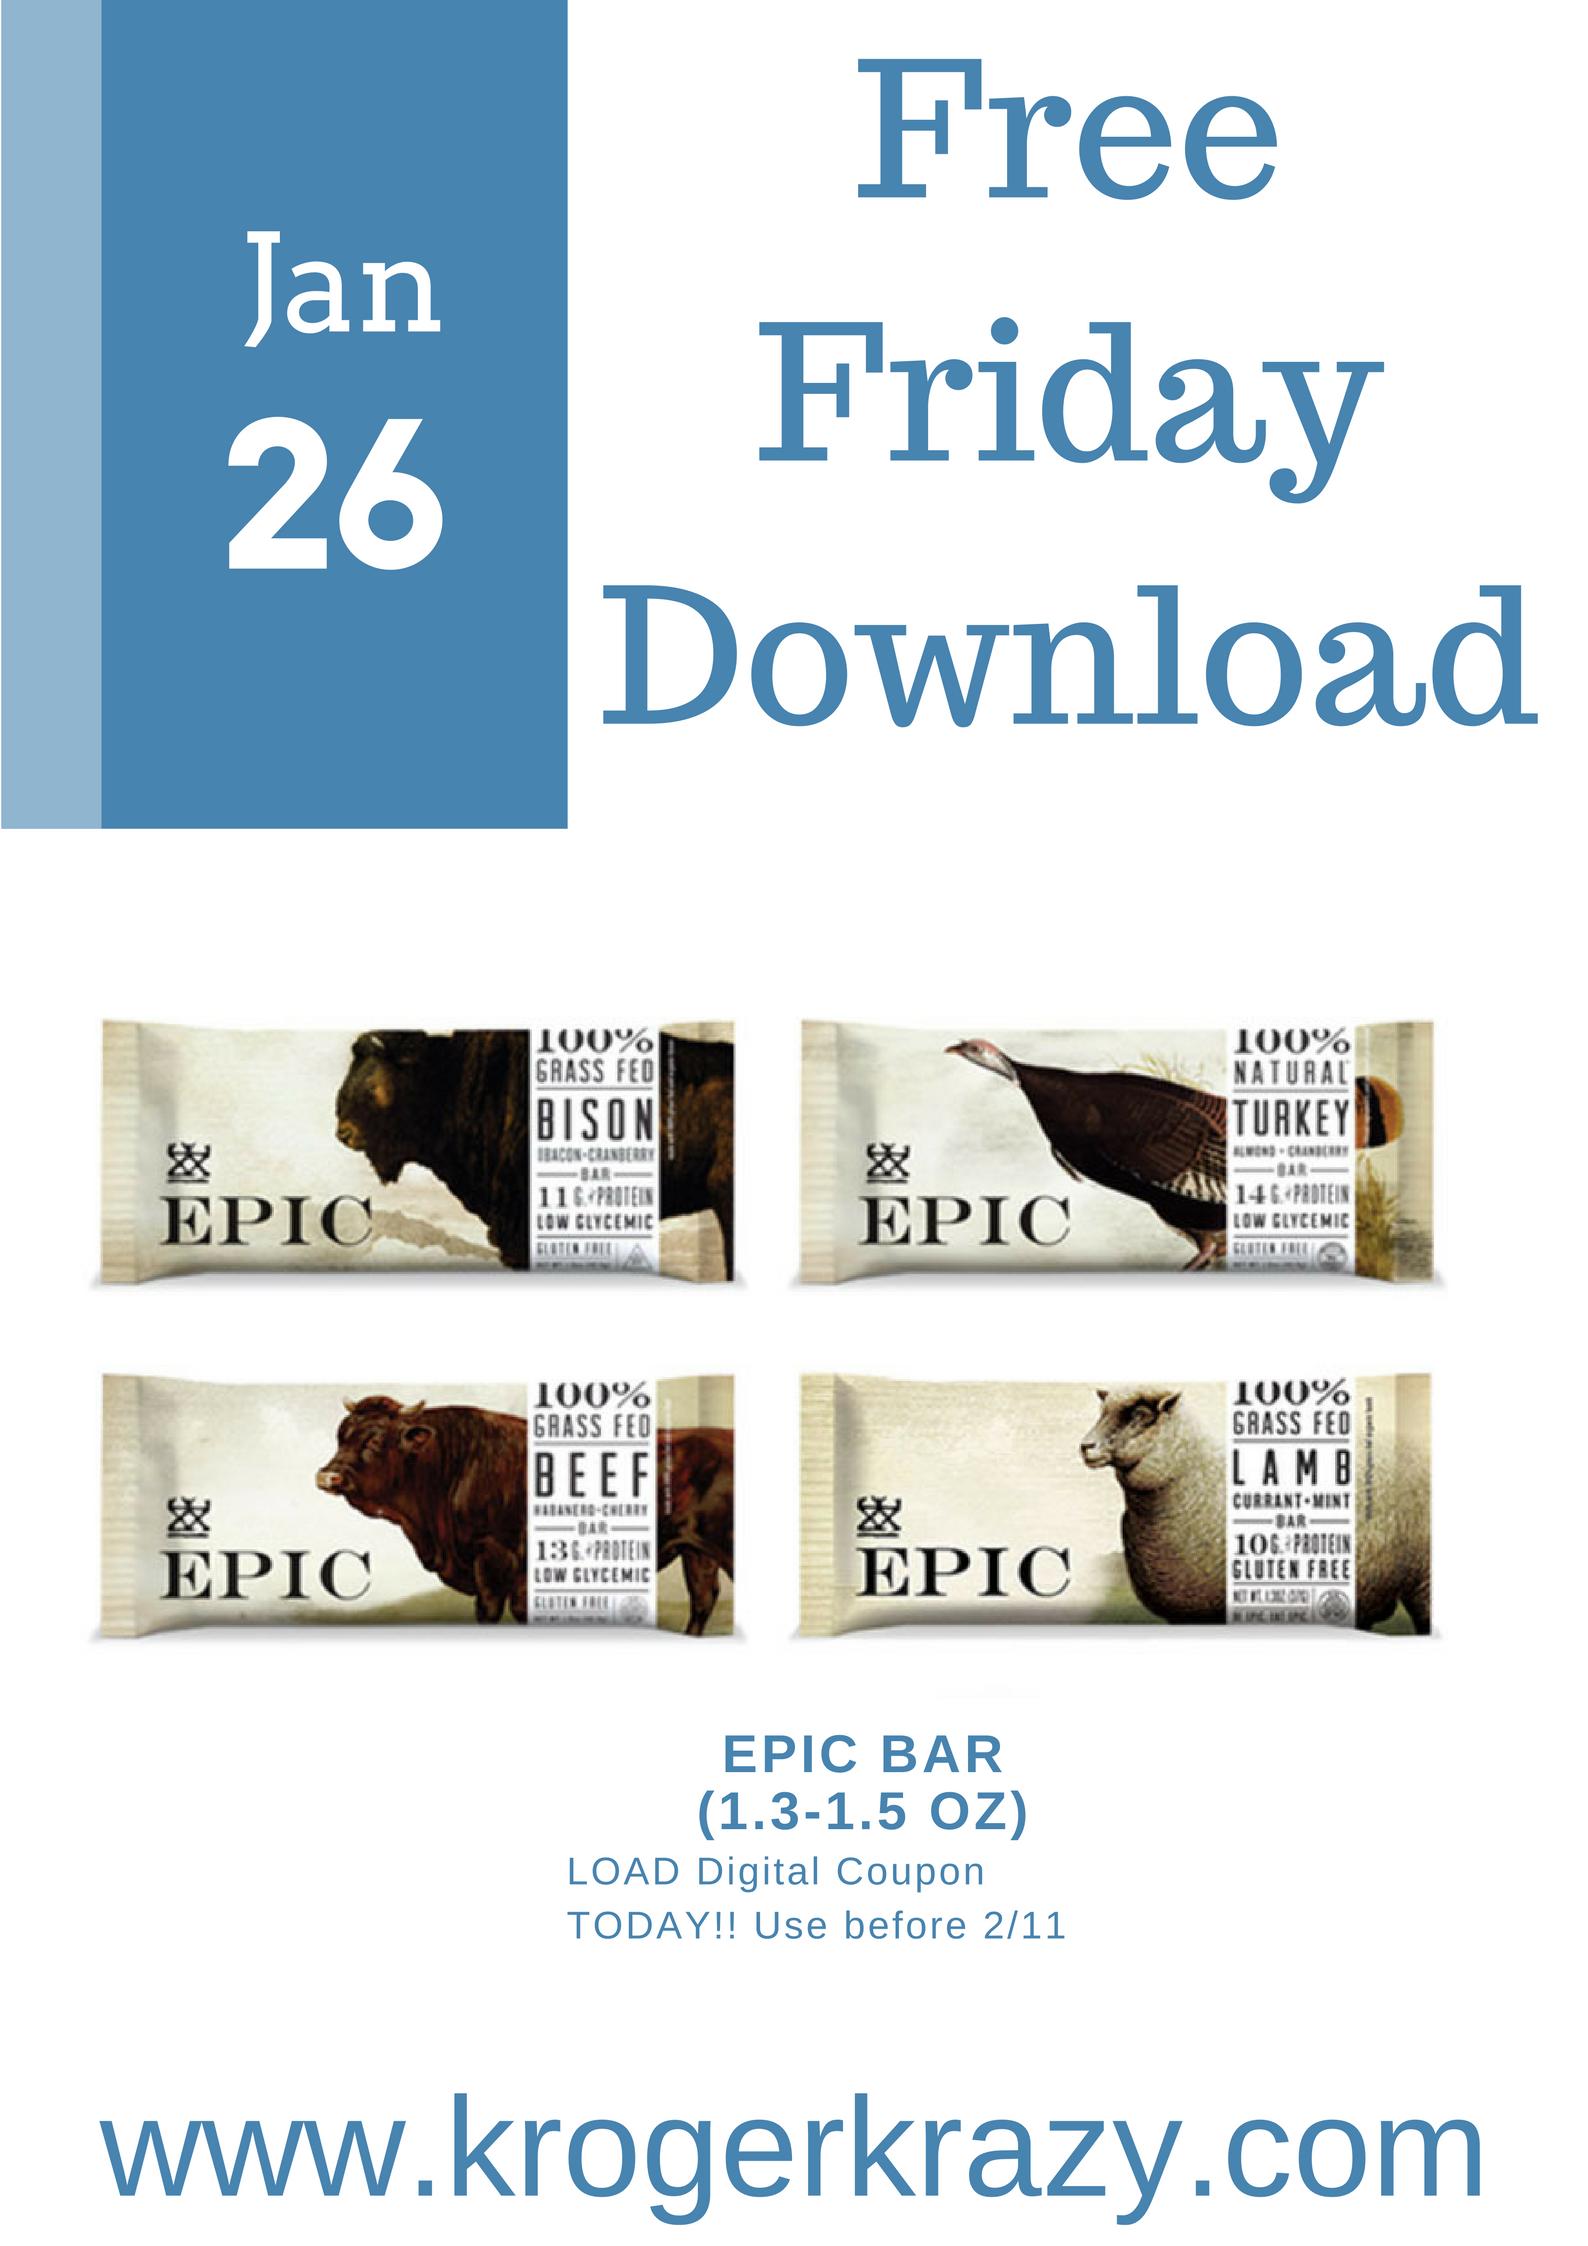 Free friday download epic bar 1 3 1 5 oz kroger krazy for Epic free download